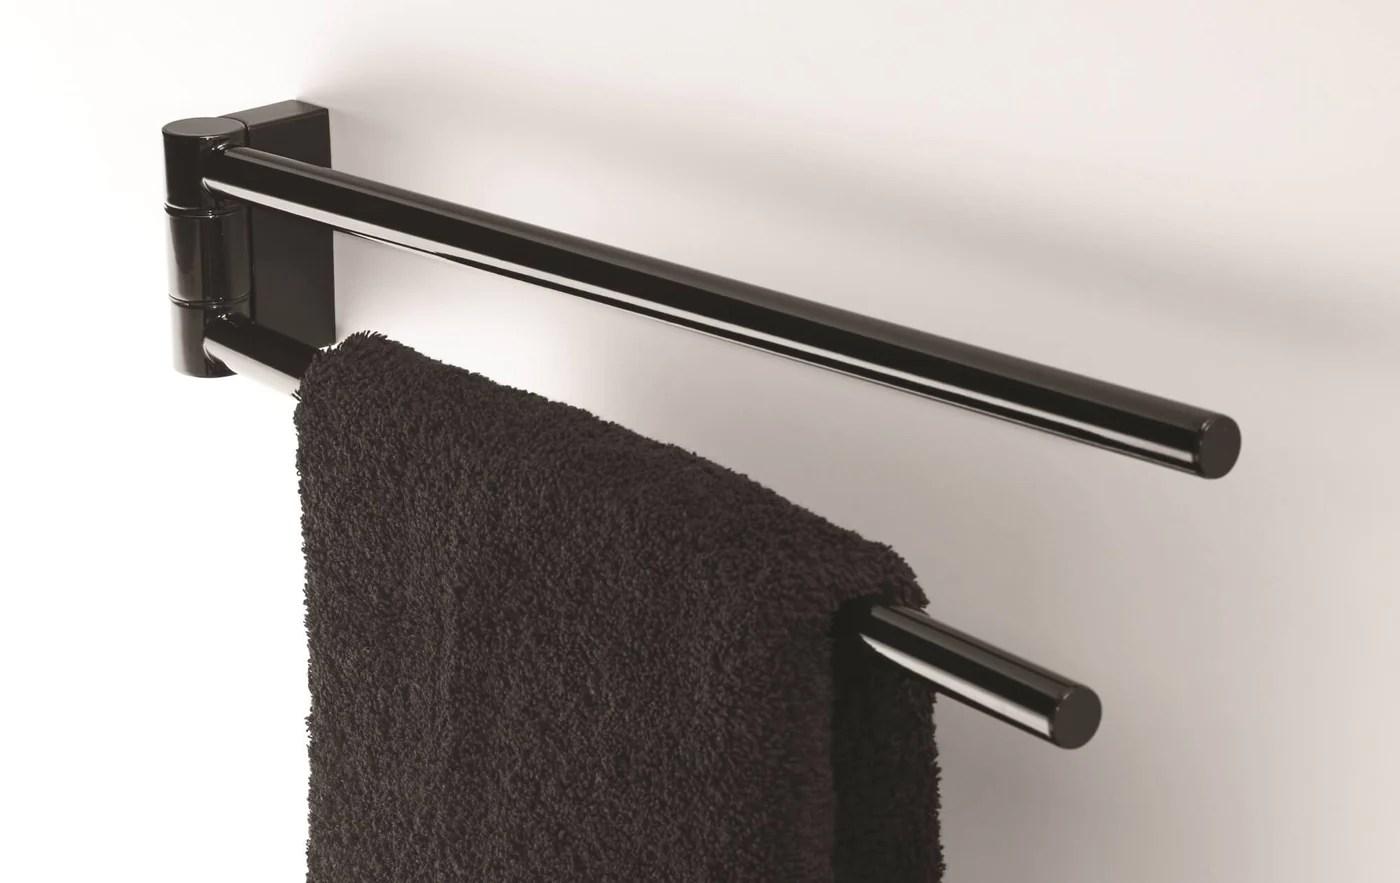 designer towel bars agm home store